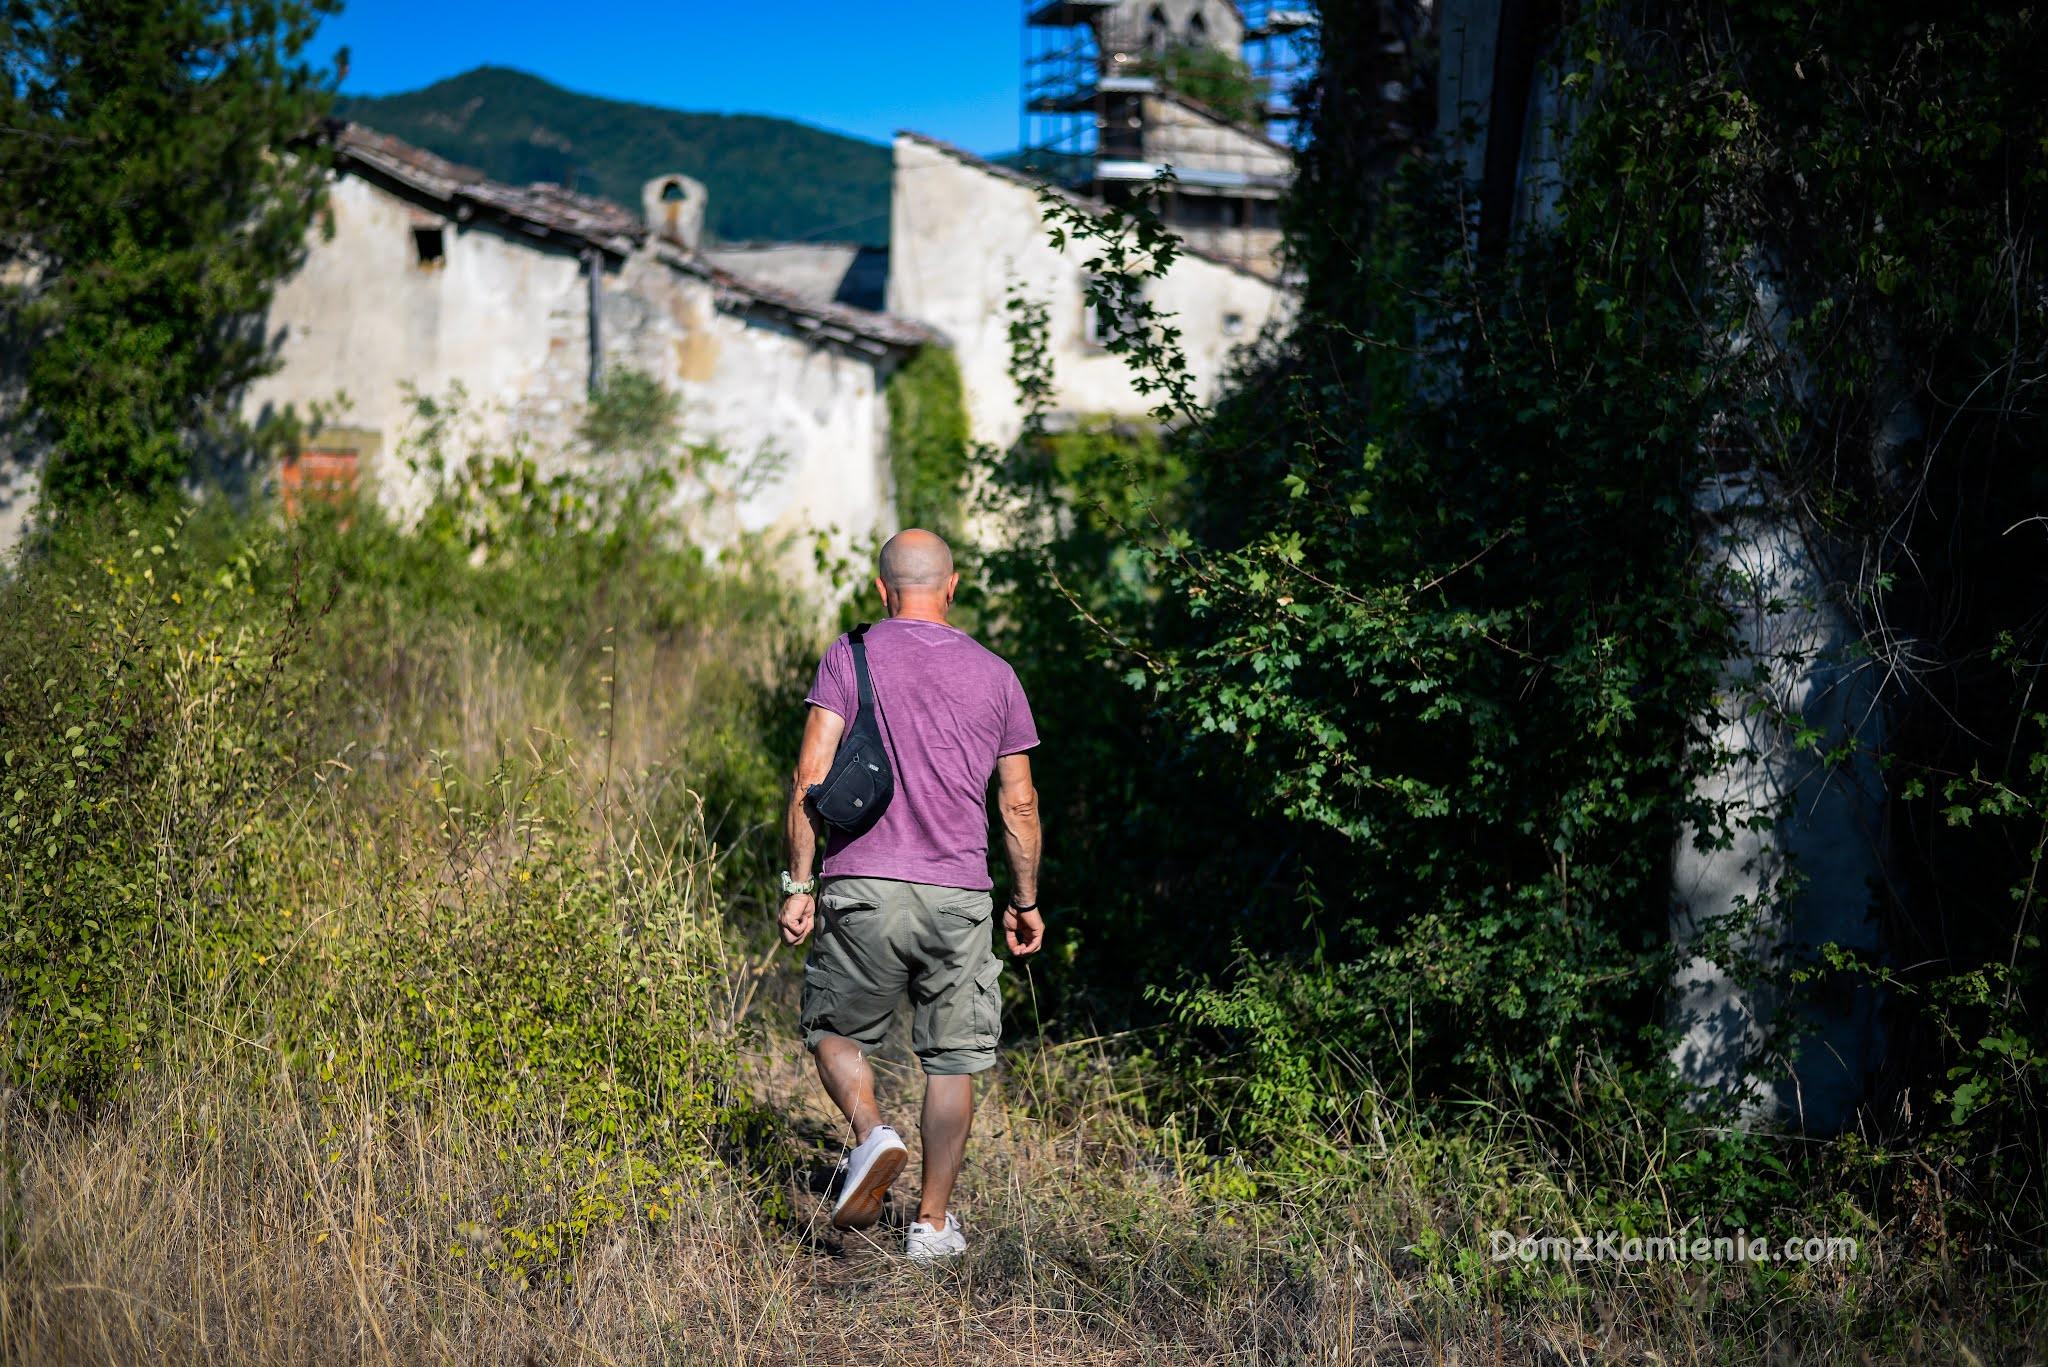 Dom z Kamienia, Ponte a Vicchio, Casa del prosciutto